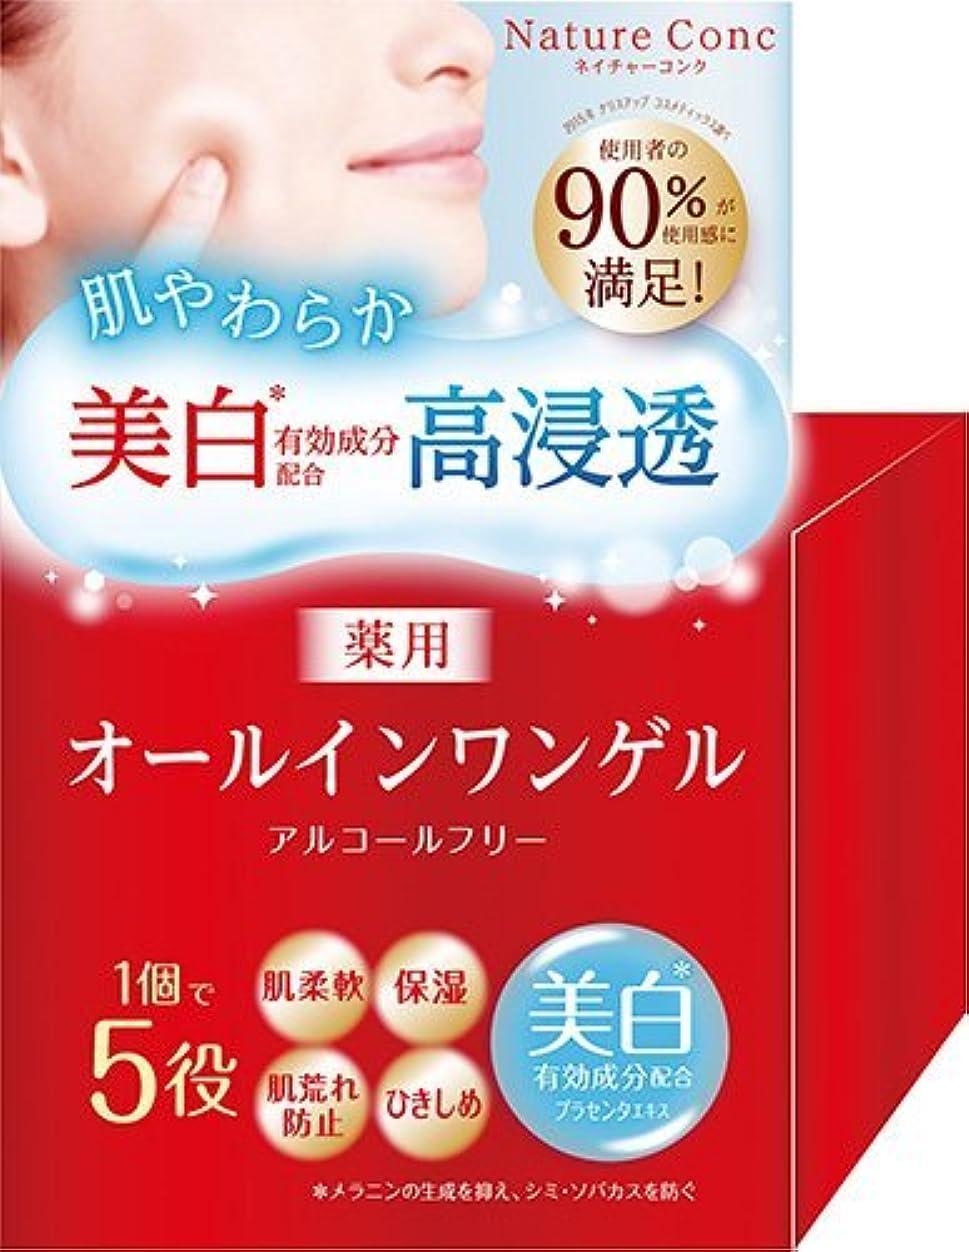 修正する厳密に知人ネイチャーコンク 薬用モイスチャーゲル 100g (医薬部外品)